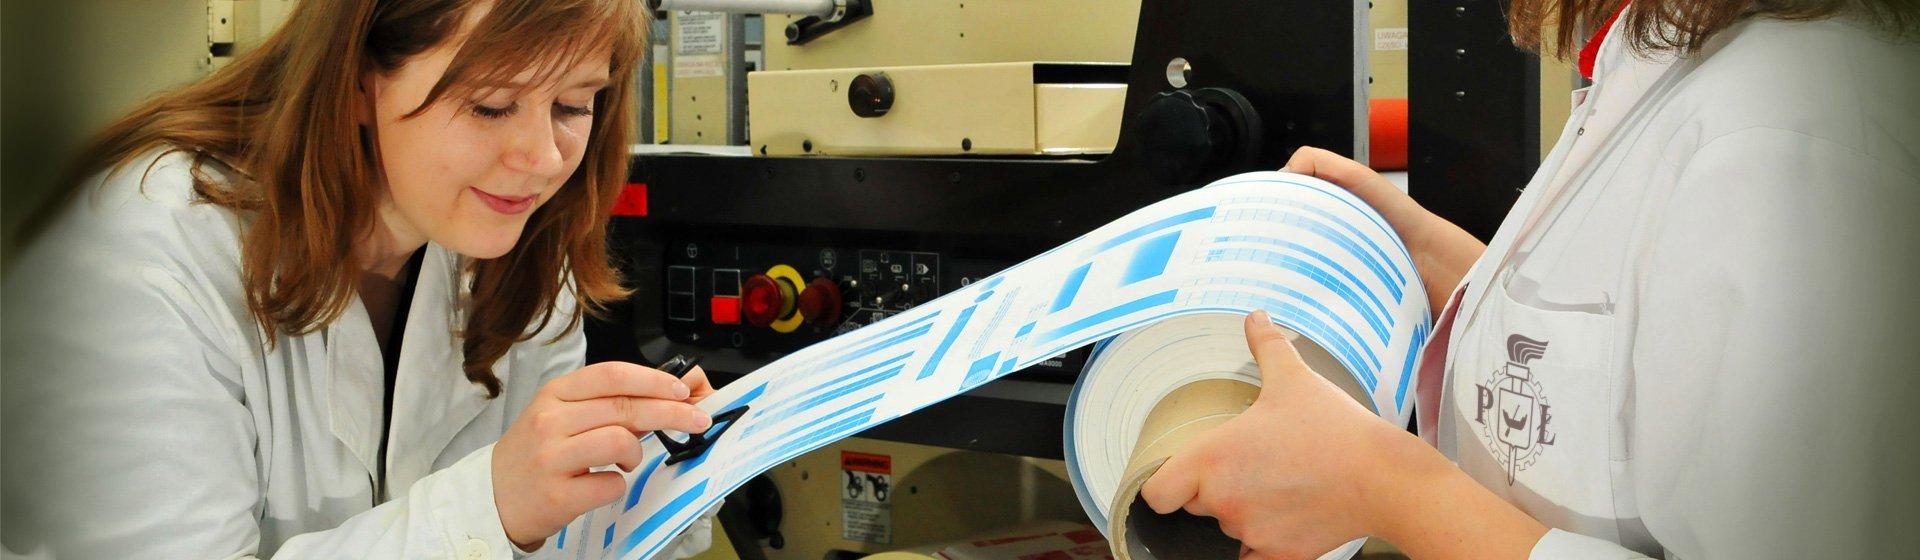 Papiernictwo i poligrafia na Politechnice Łódzkiej